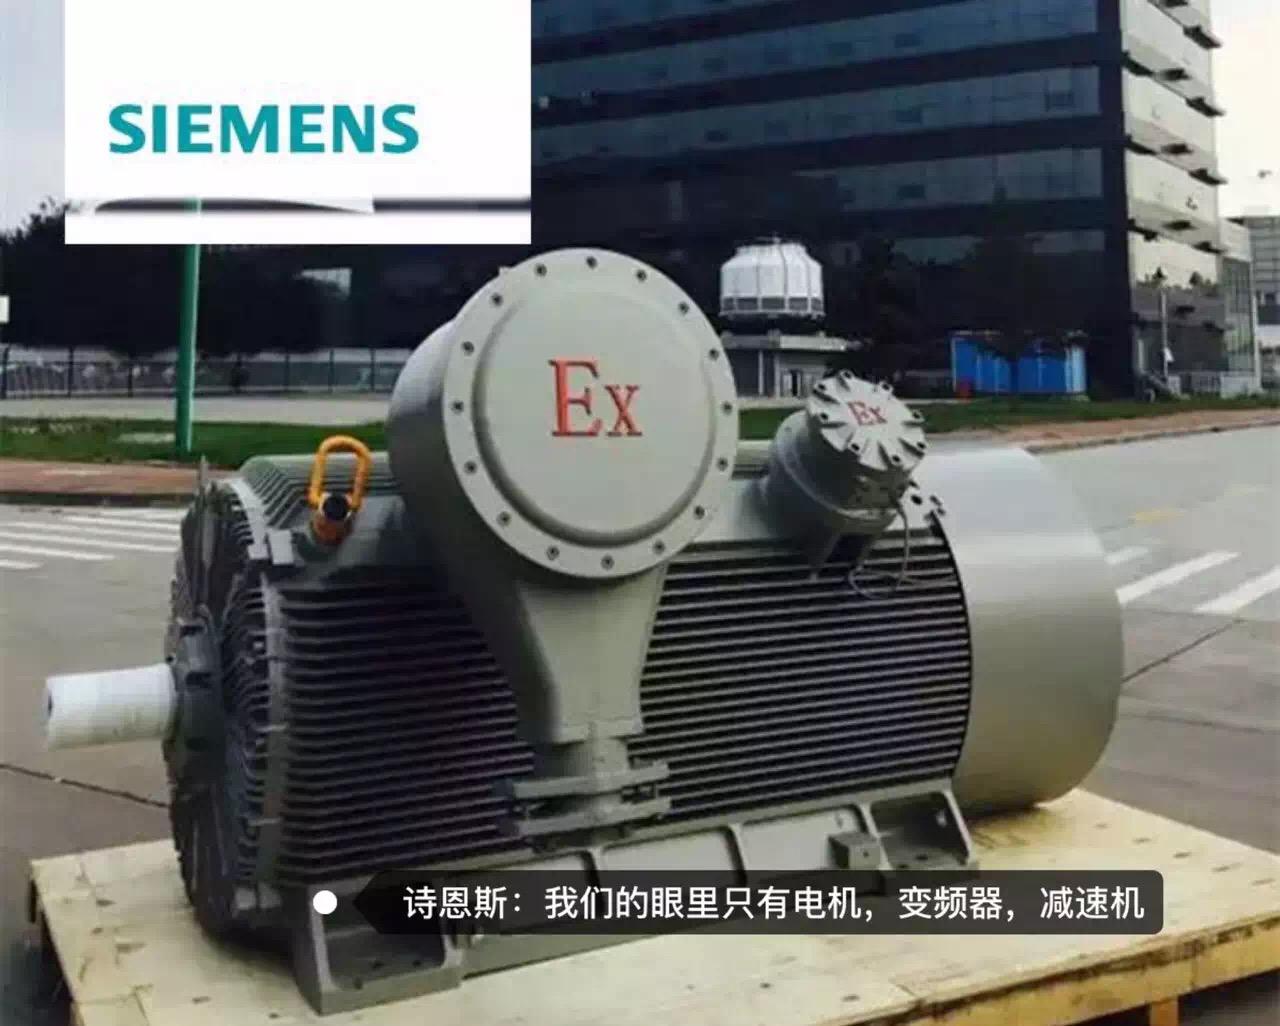 常州诗恩斯电气成套设备有限公司是一家集贸易、技术、服务于一体的商贸企业。专业经销:SIEMENS(西门子)1LA、1LG、1LE、1MJ、1PQ系列,贝得1TL0、1MT0、YVF2、YEJ、YD、YCT系列和ABB等品牌三相交流异步电动机,为满足多层次客户的需求,同时经销:西门子变频器、西林变频器,以及ABB电机M2QA、MQAEJ、QABP、M2JA、M2BA、M3BP等工控产品配件和伺服电机。公司本着用户至上的原则,为市场提供一流品质的产品、优质快捷的服务。    公司将秉承西门子工业自动化